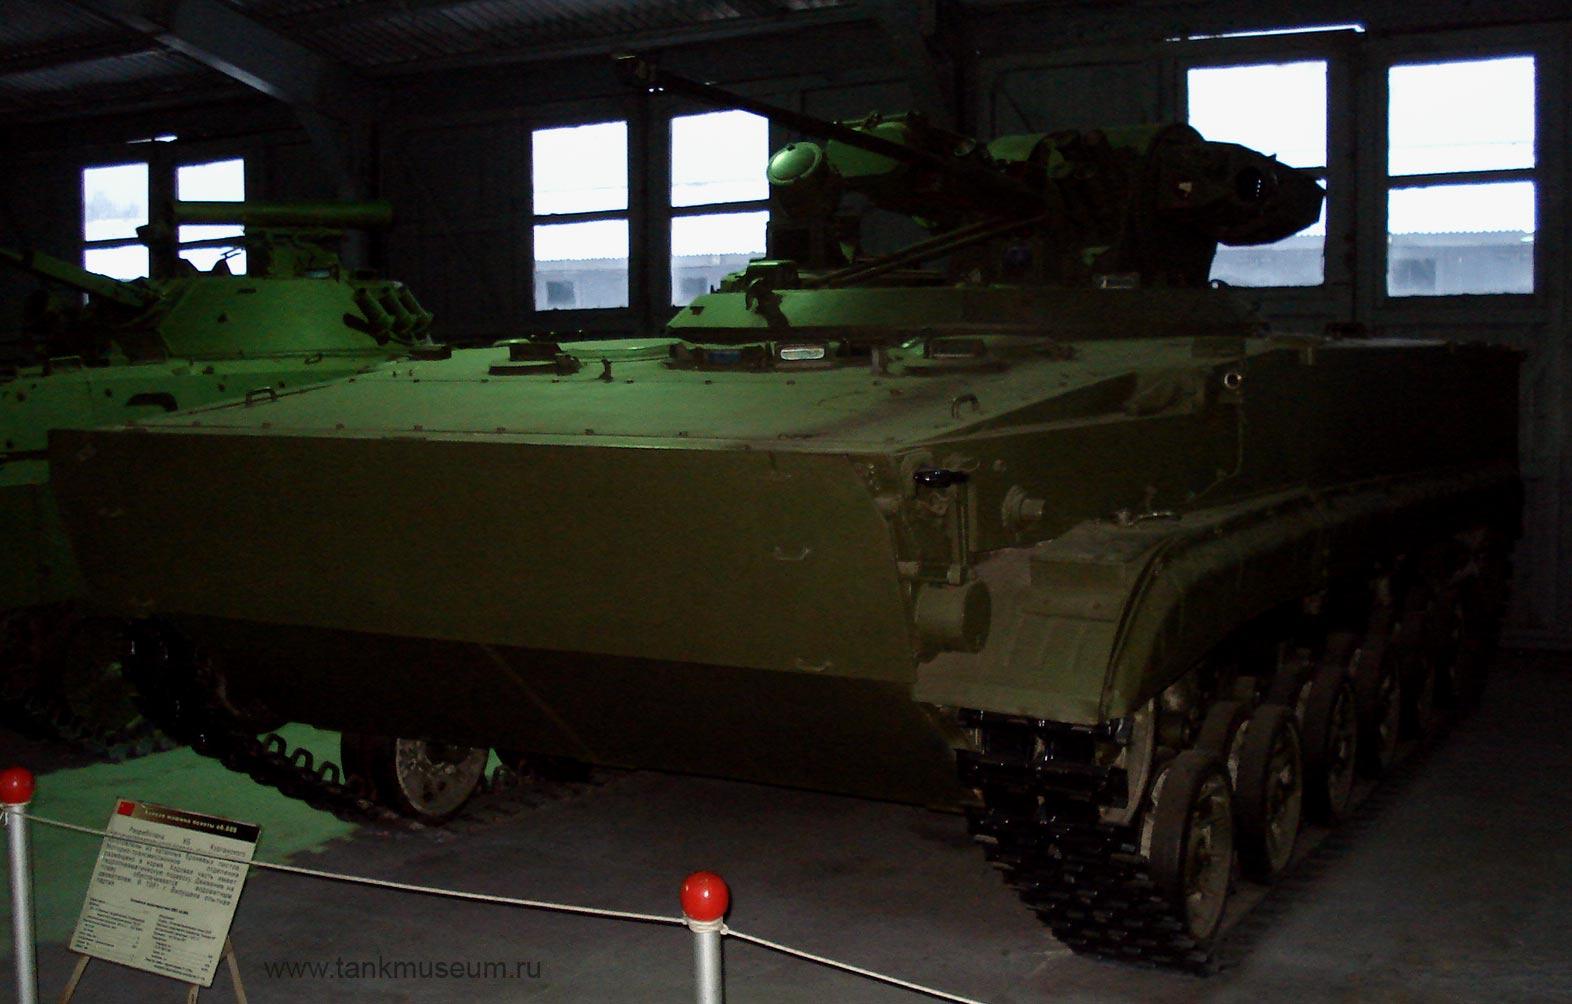 Боевая машина пехоты Объект 688, танковый музей Кубинка